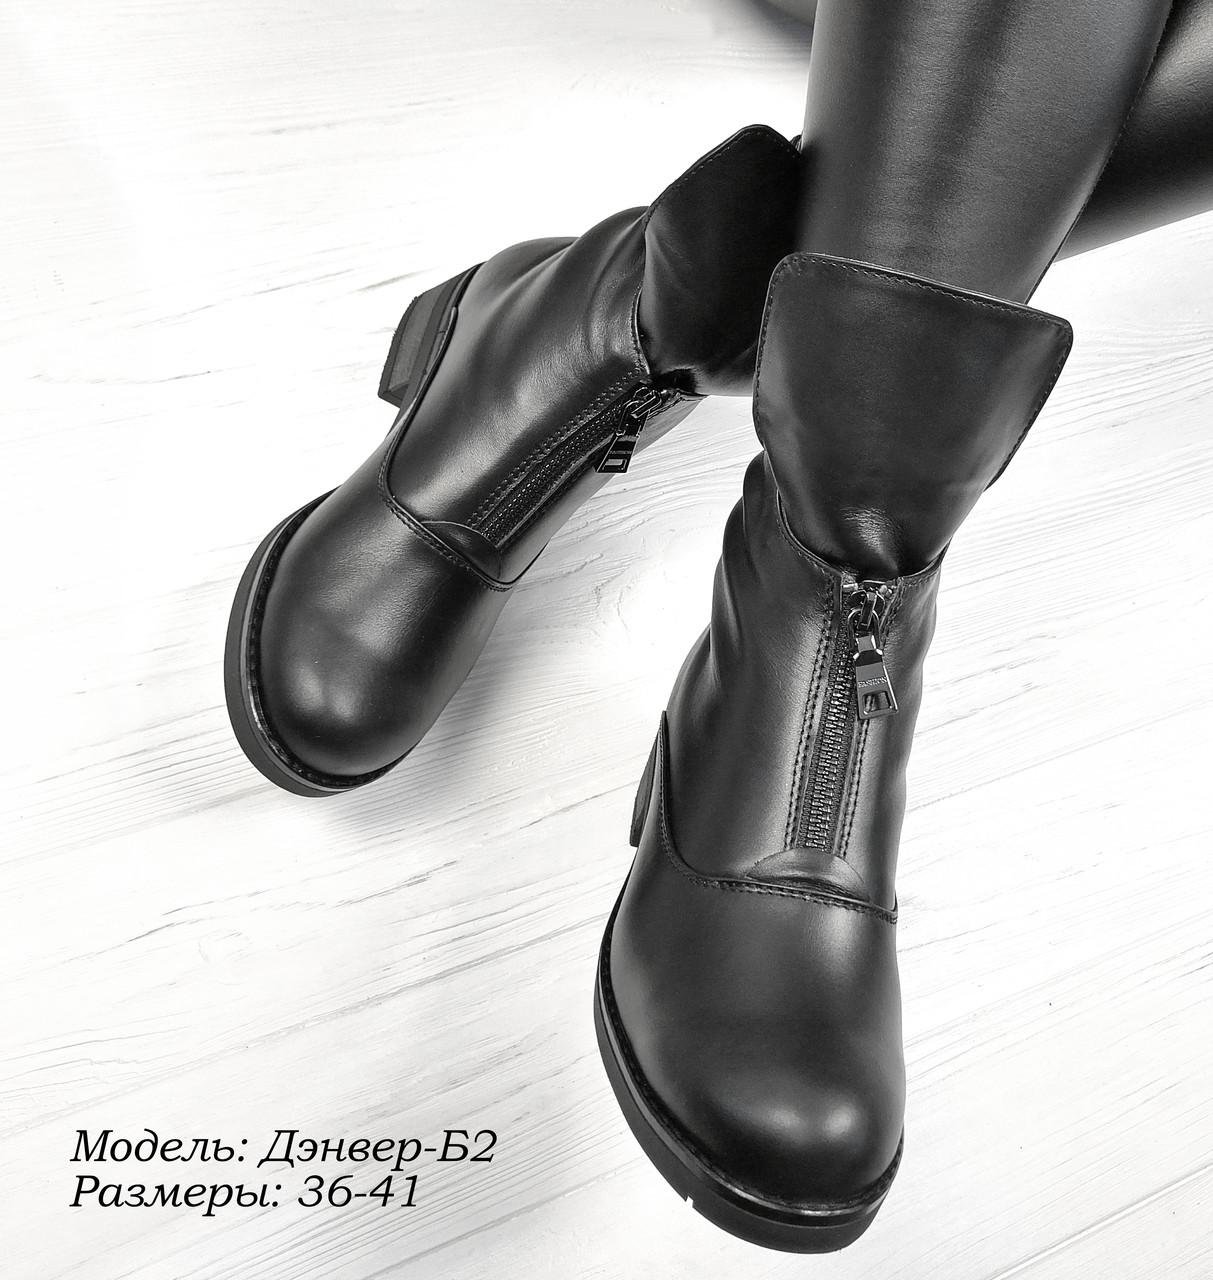 bed6edde2 Кожаная обувь от украинского производителя: продажа, цена в Днепре ...